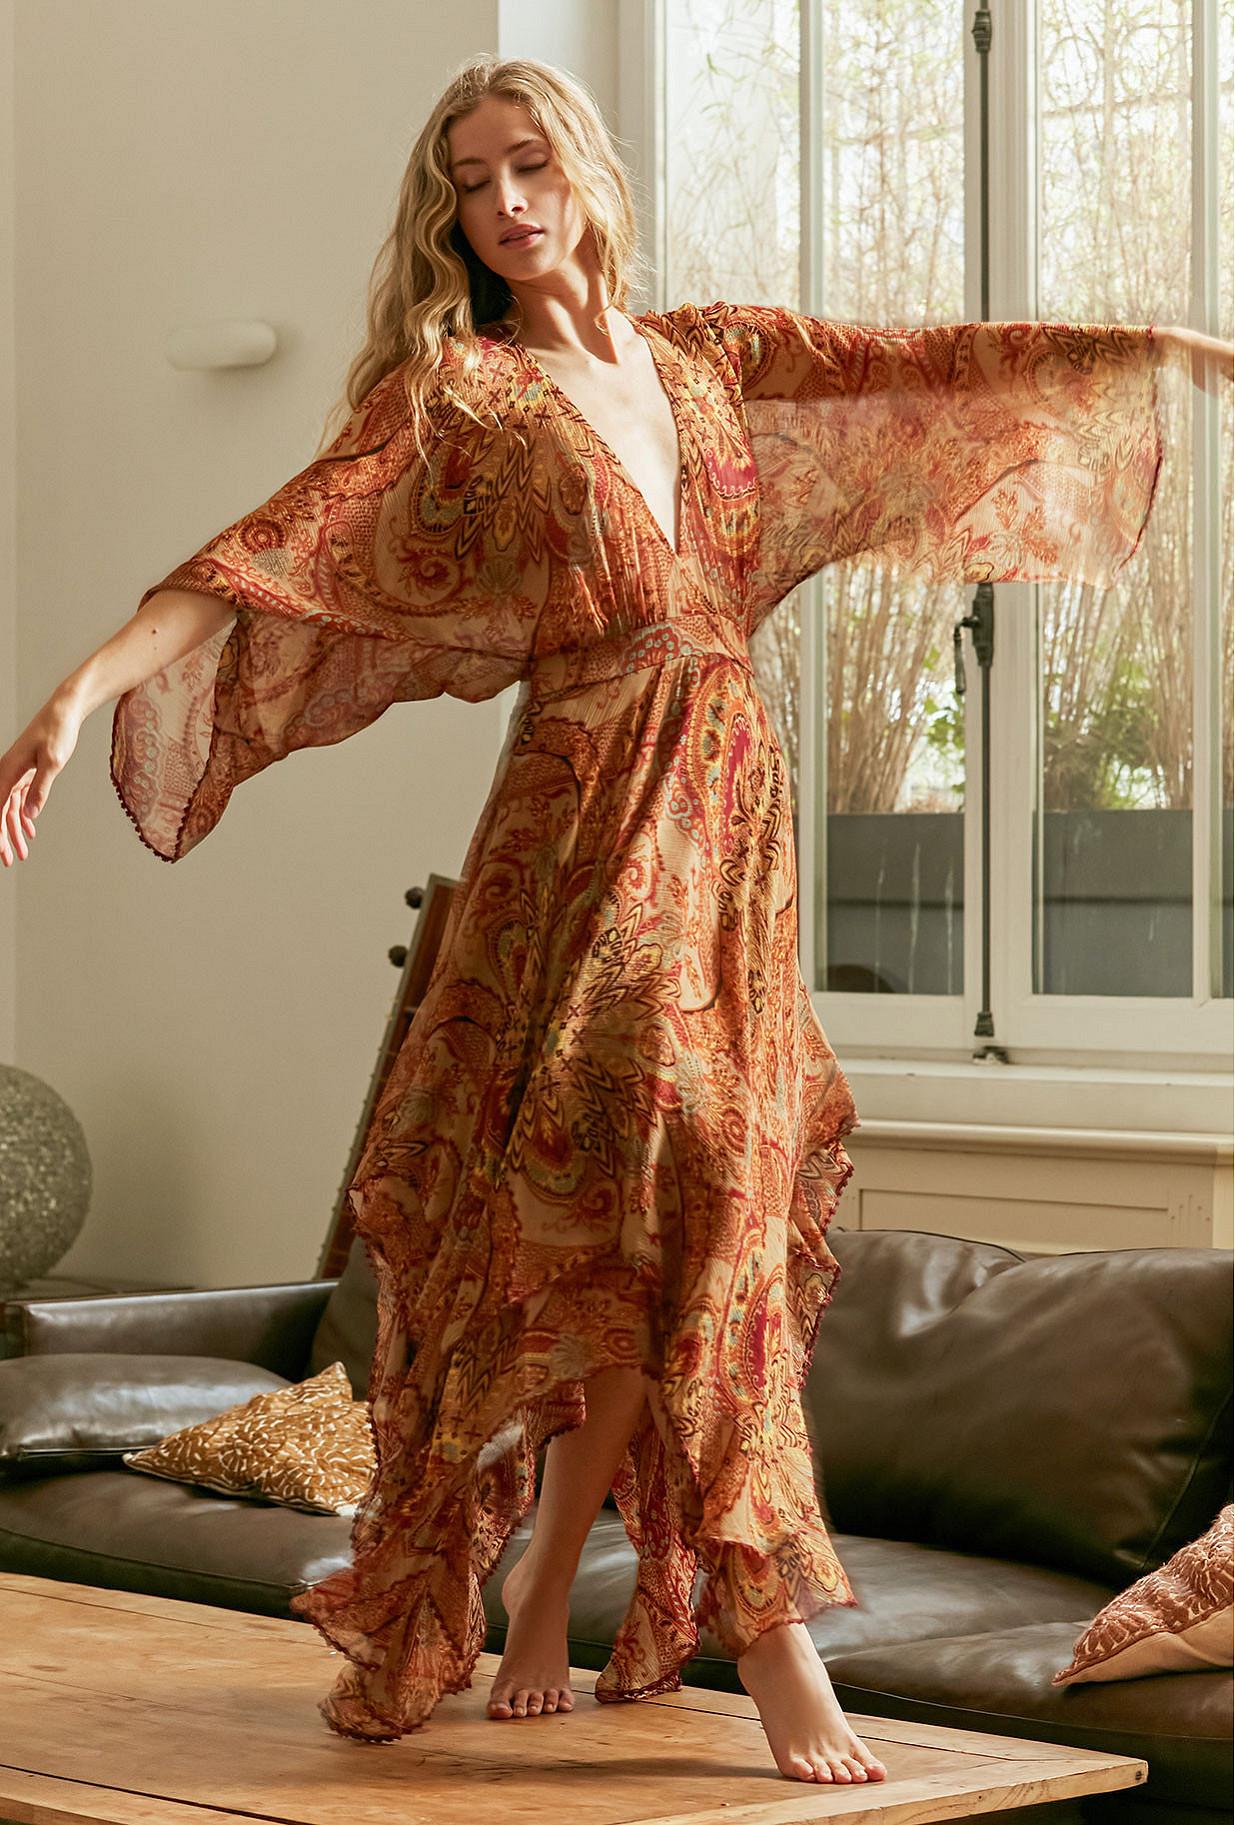 Robe Imprimé fleuri  Lauren mes demoiselles paris vêtement femme paris